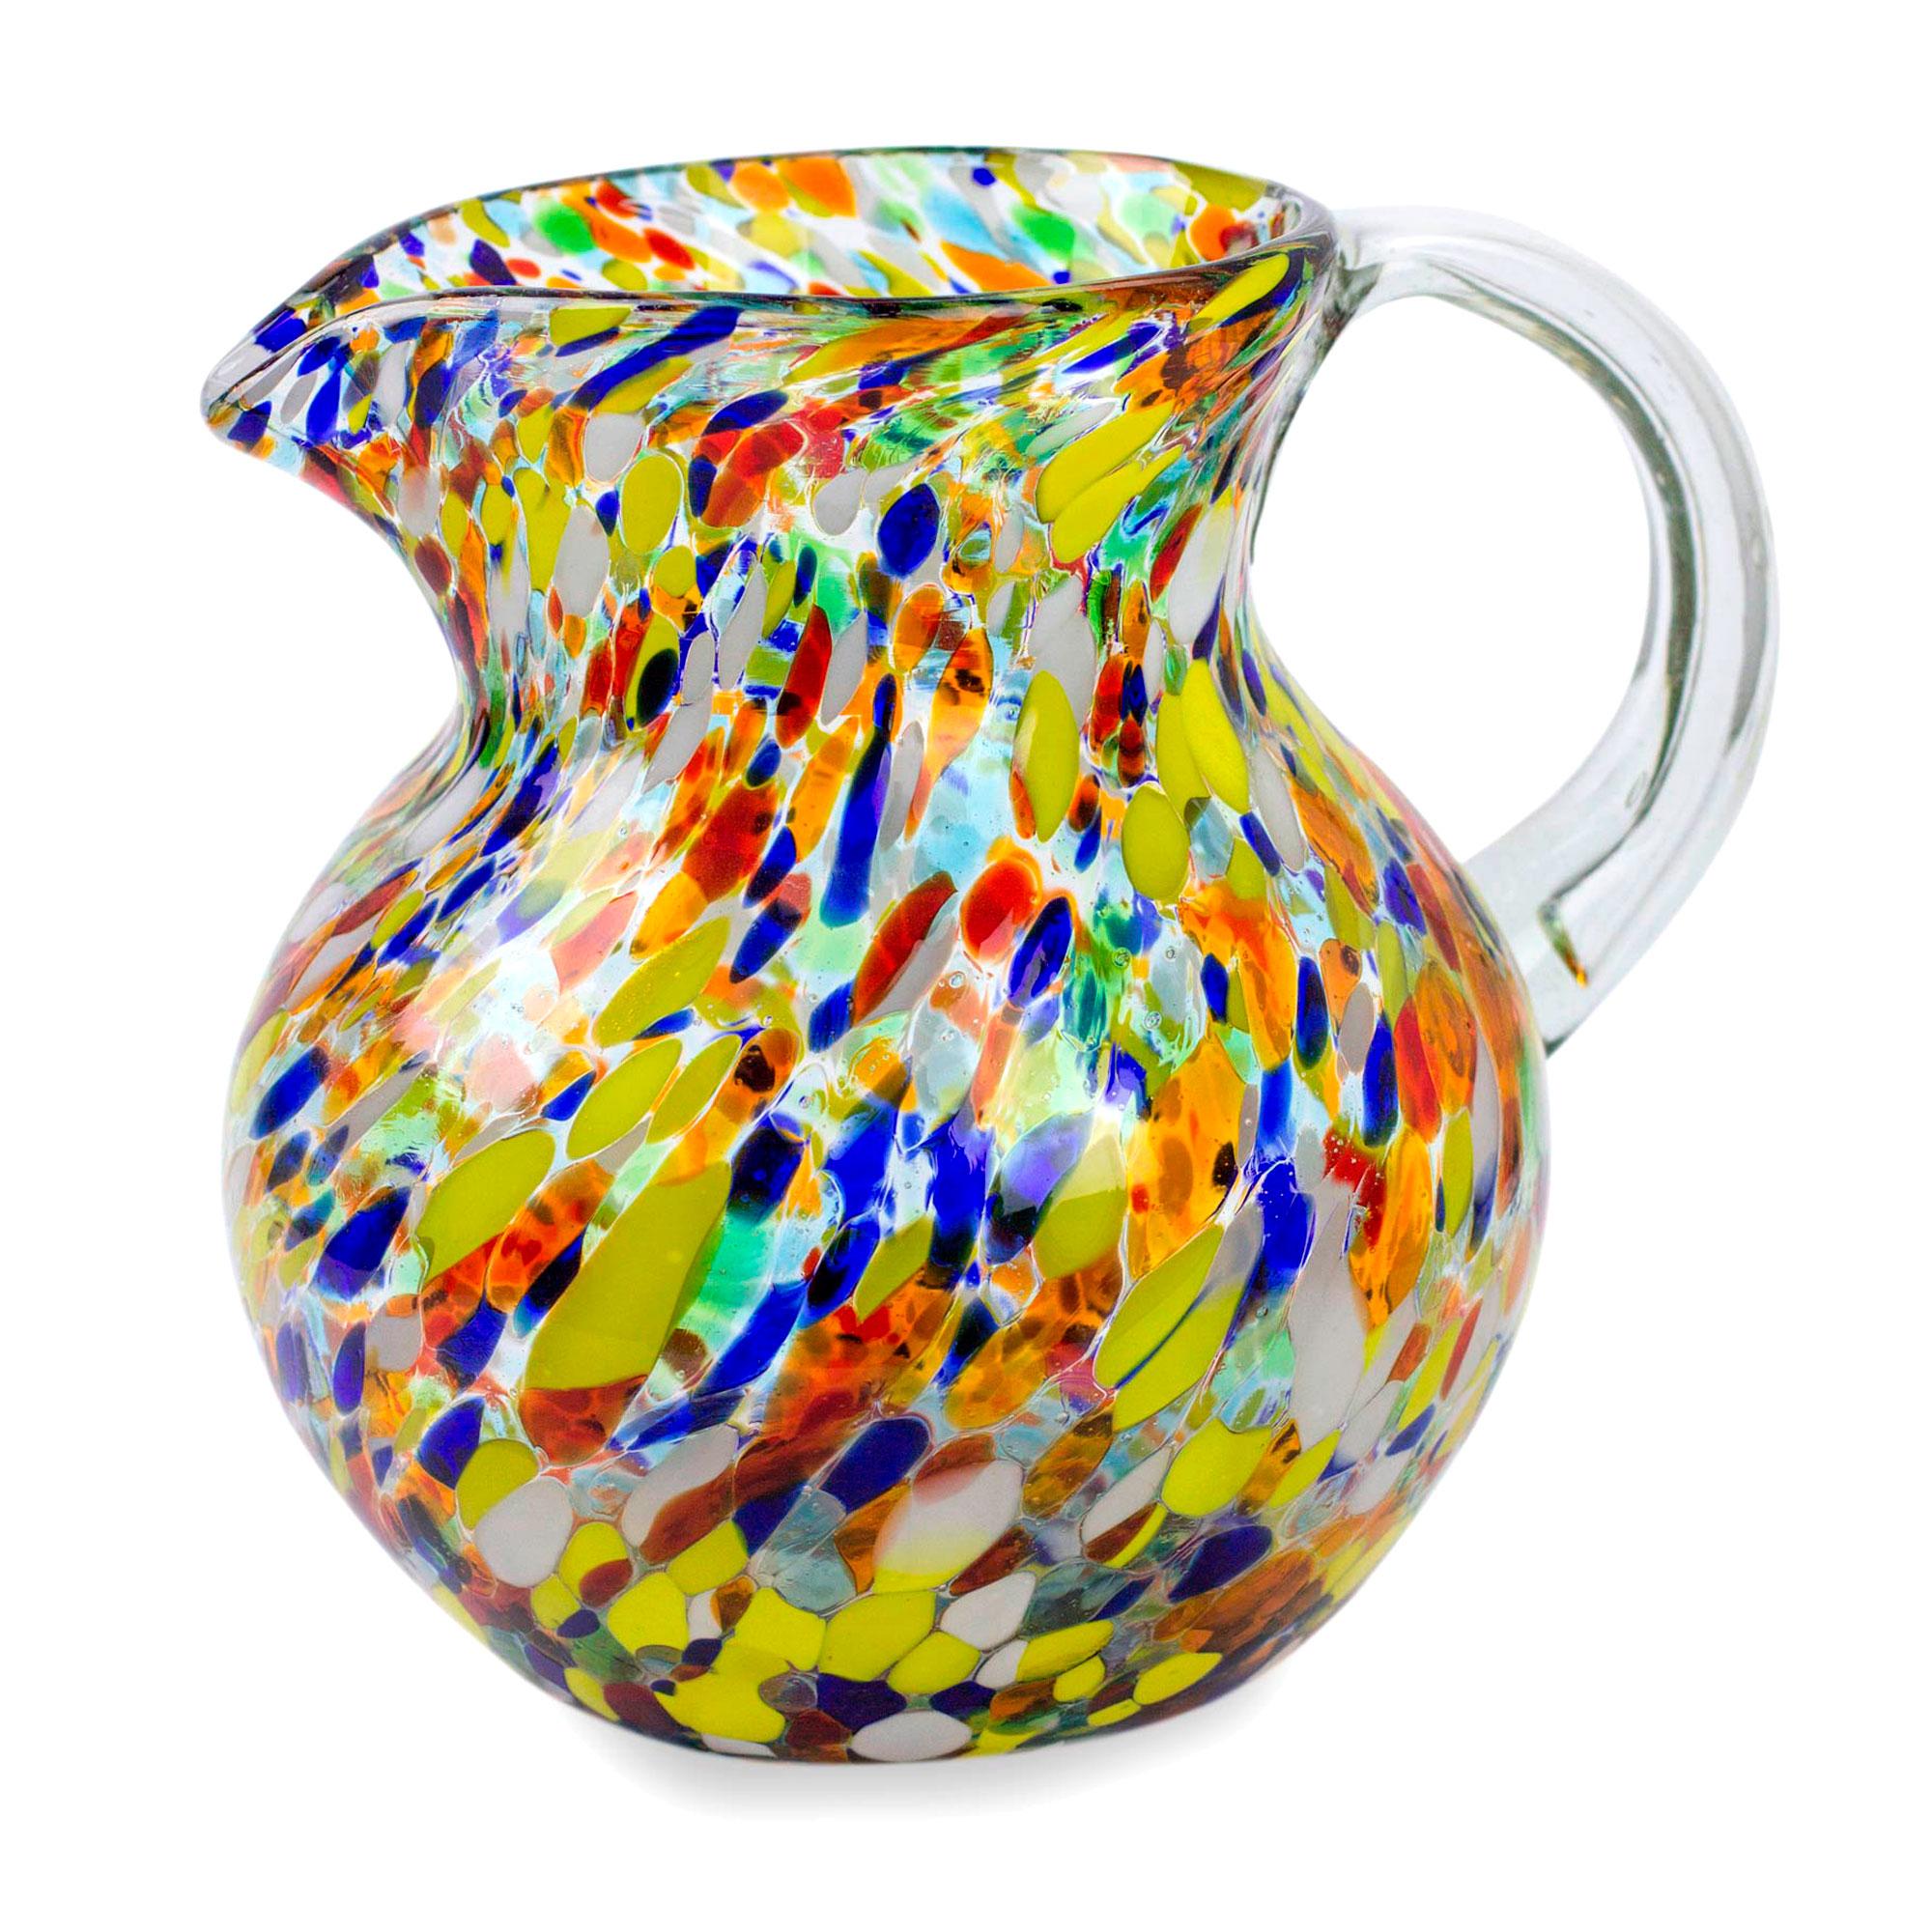 Unicef Market Hand Blown Glass Pitcher 71 Oz Multicolor Mexican Art Confetti